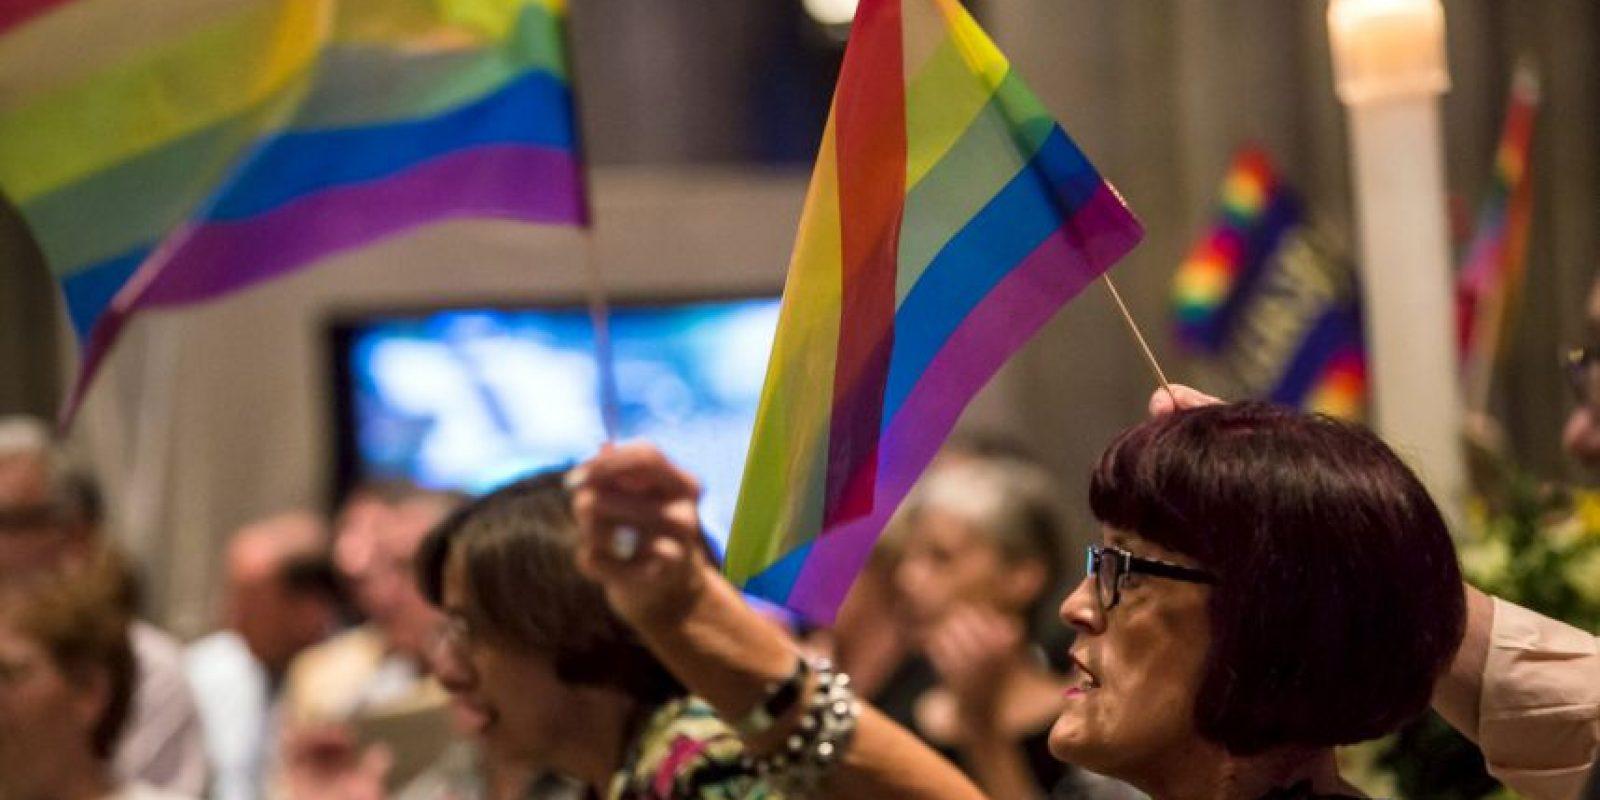 ¿Qué opinan de esta situación? Foto:Getty Images